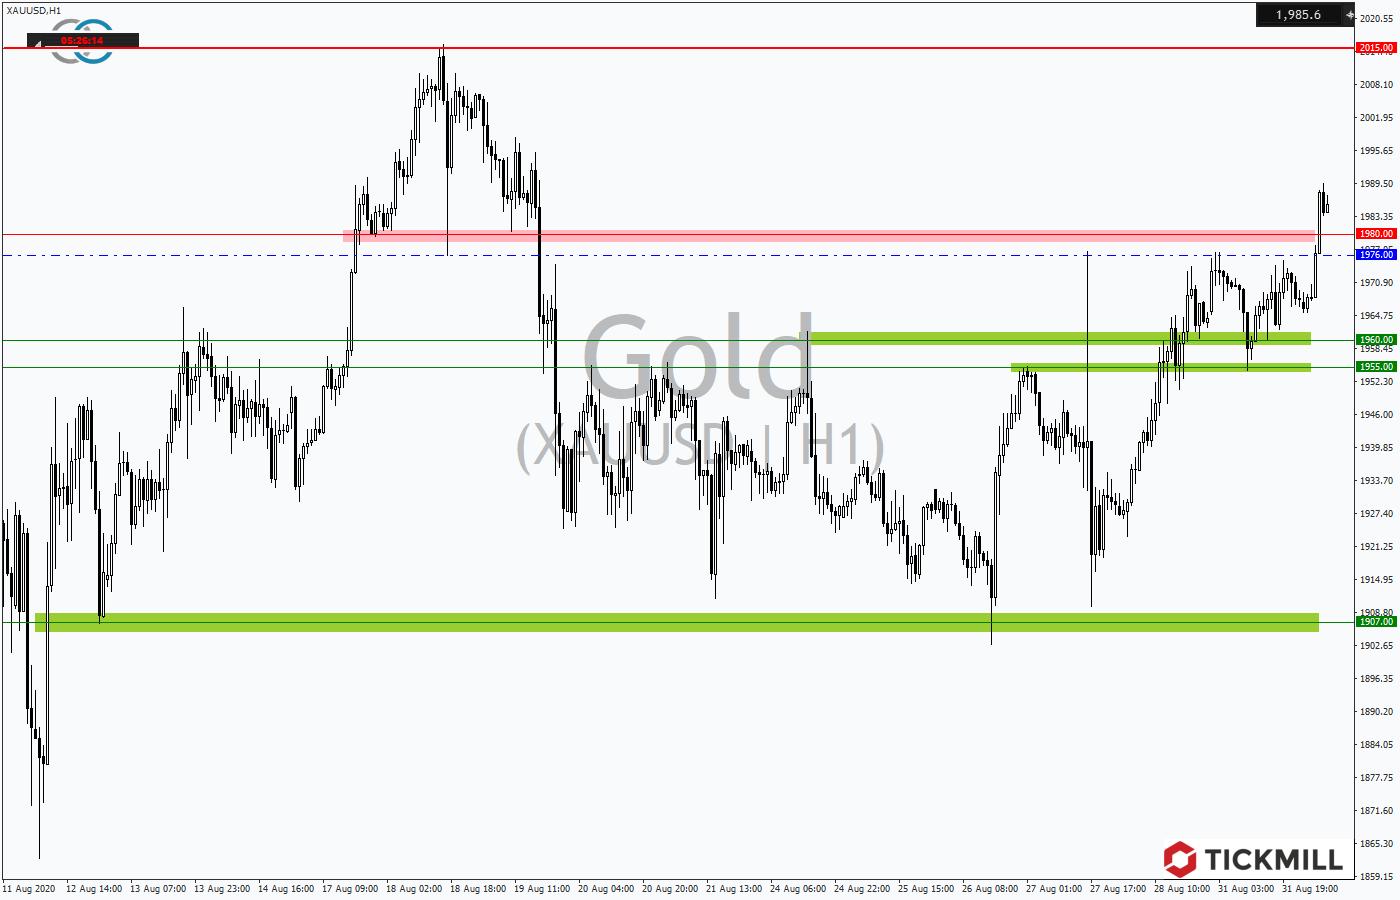 Tickmill-Analyse: Gold im Stundentrendverlauf